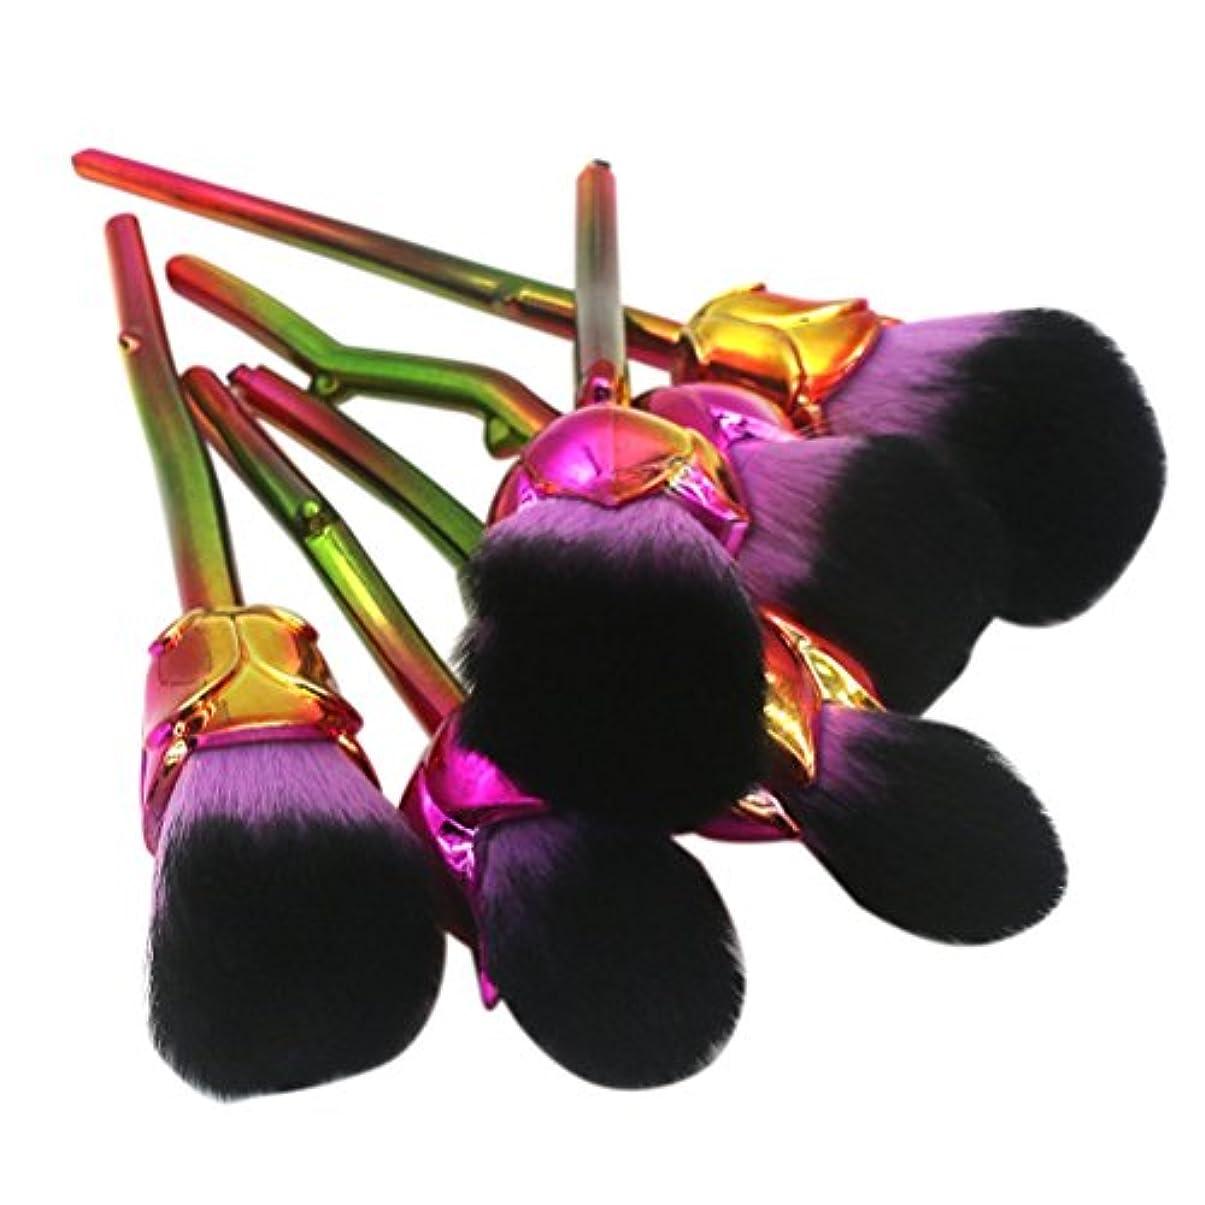 ゲインセイアラートスリンクディラビューティー(Dilla Beauty) メイクブラシ 薔薇 メイクブラシセット 人気 ファンデーションブラシ 化粧筆 可愛い 化粧ブラシ セット パウダーブラシ フェイスブラシ ローズ メイクブラシ 6本セット ケース付き (パープル)